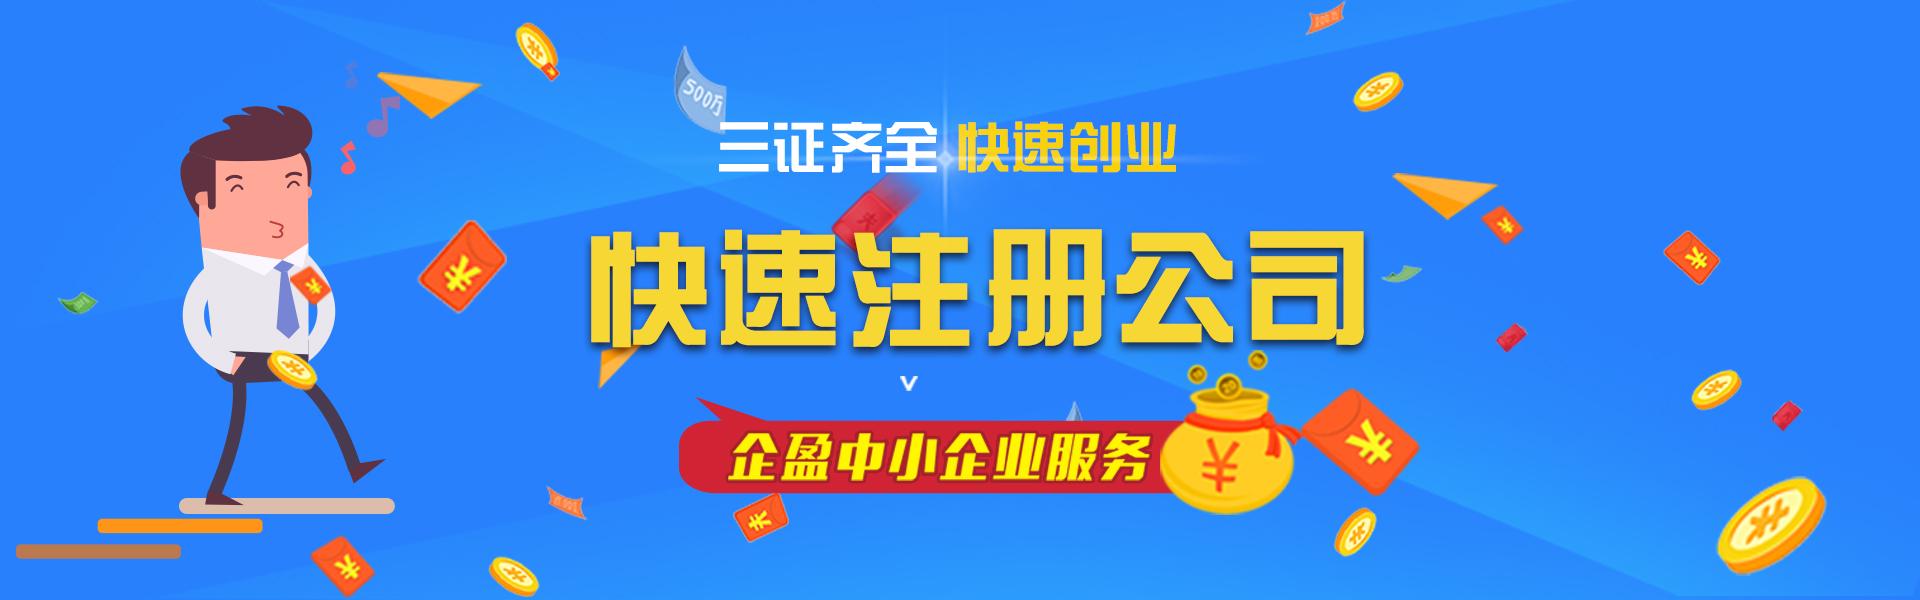 广州工商注册